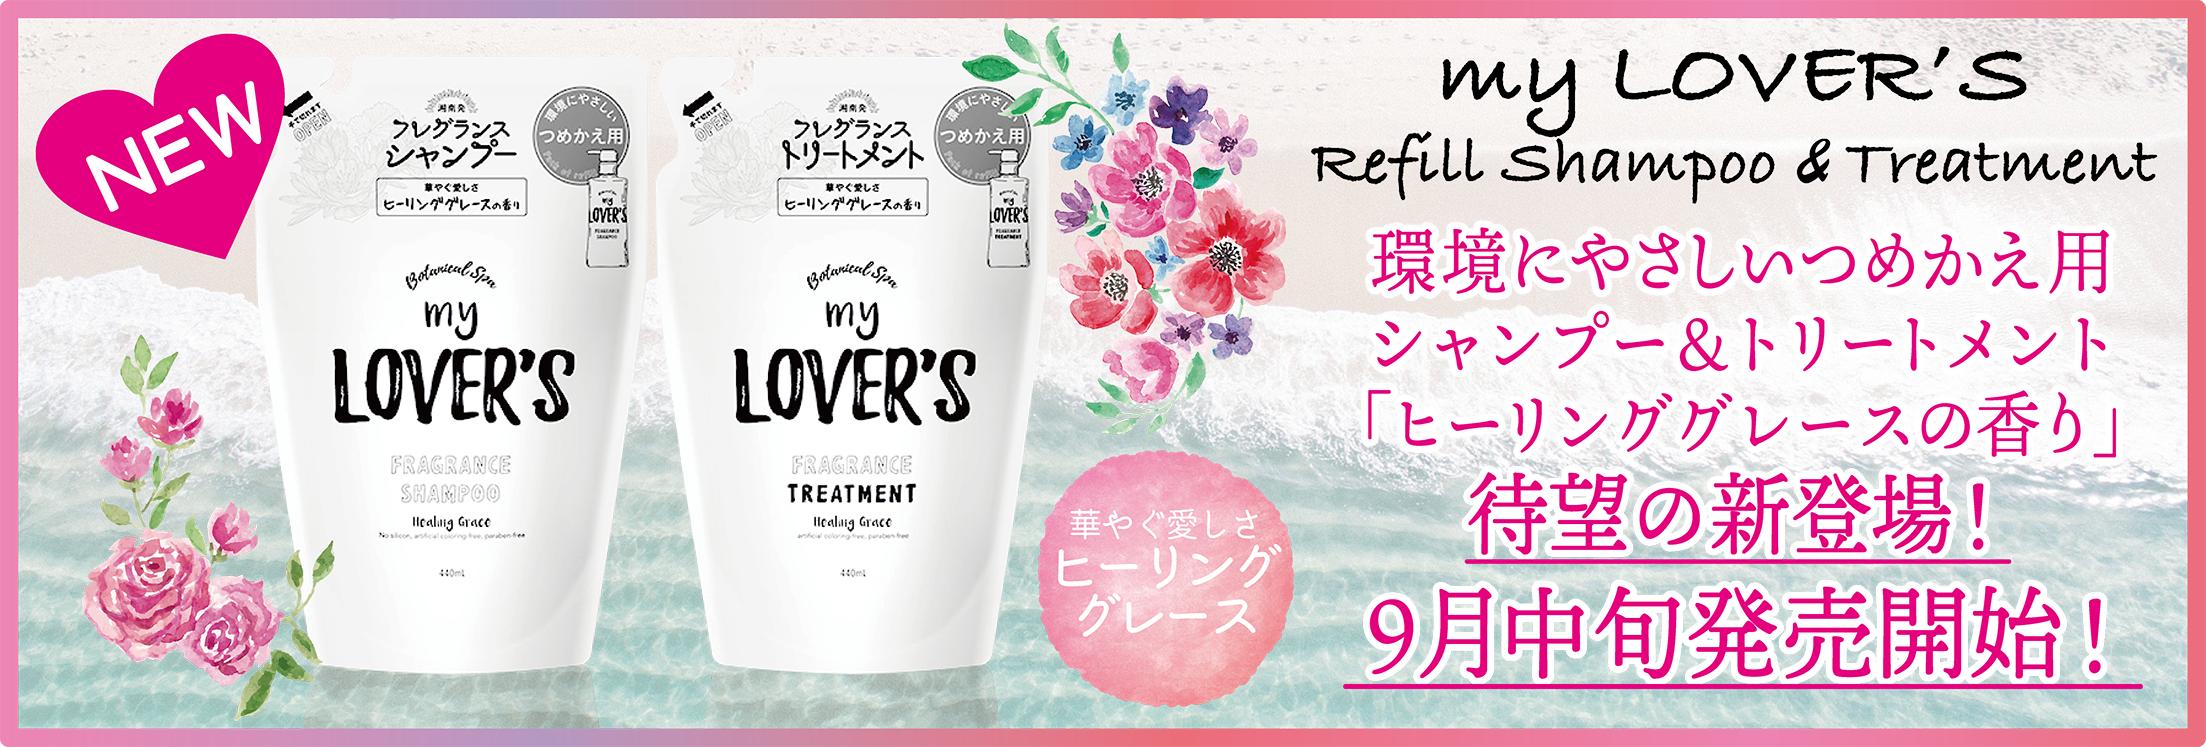 【9月15日から】大好評のmyLOVER'S詰替用パウチに待望のヒーリンググレースの香りが新登場!!